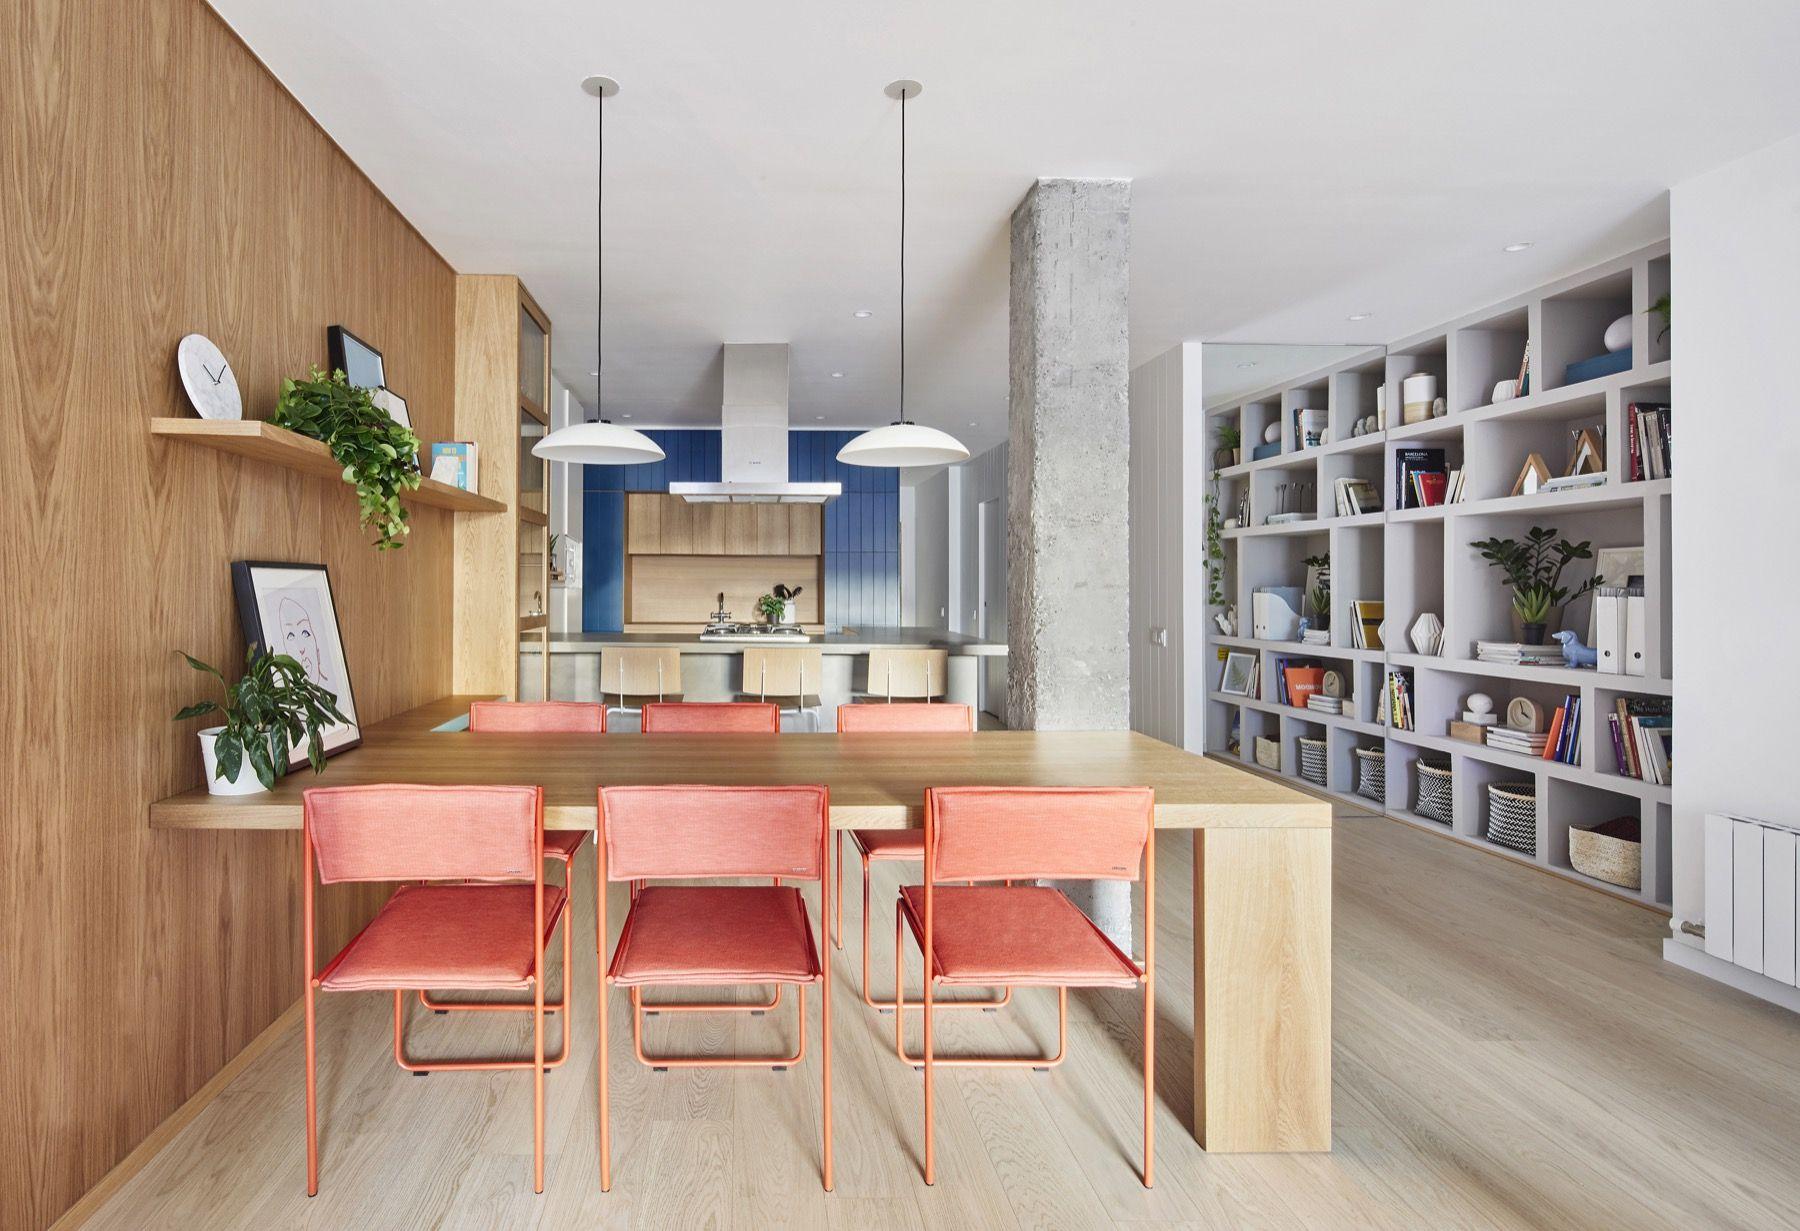 Foto 21 de Decoración y diseño en Barcelona | Interiorismo Miriam Barrio